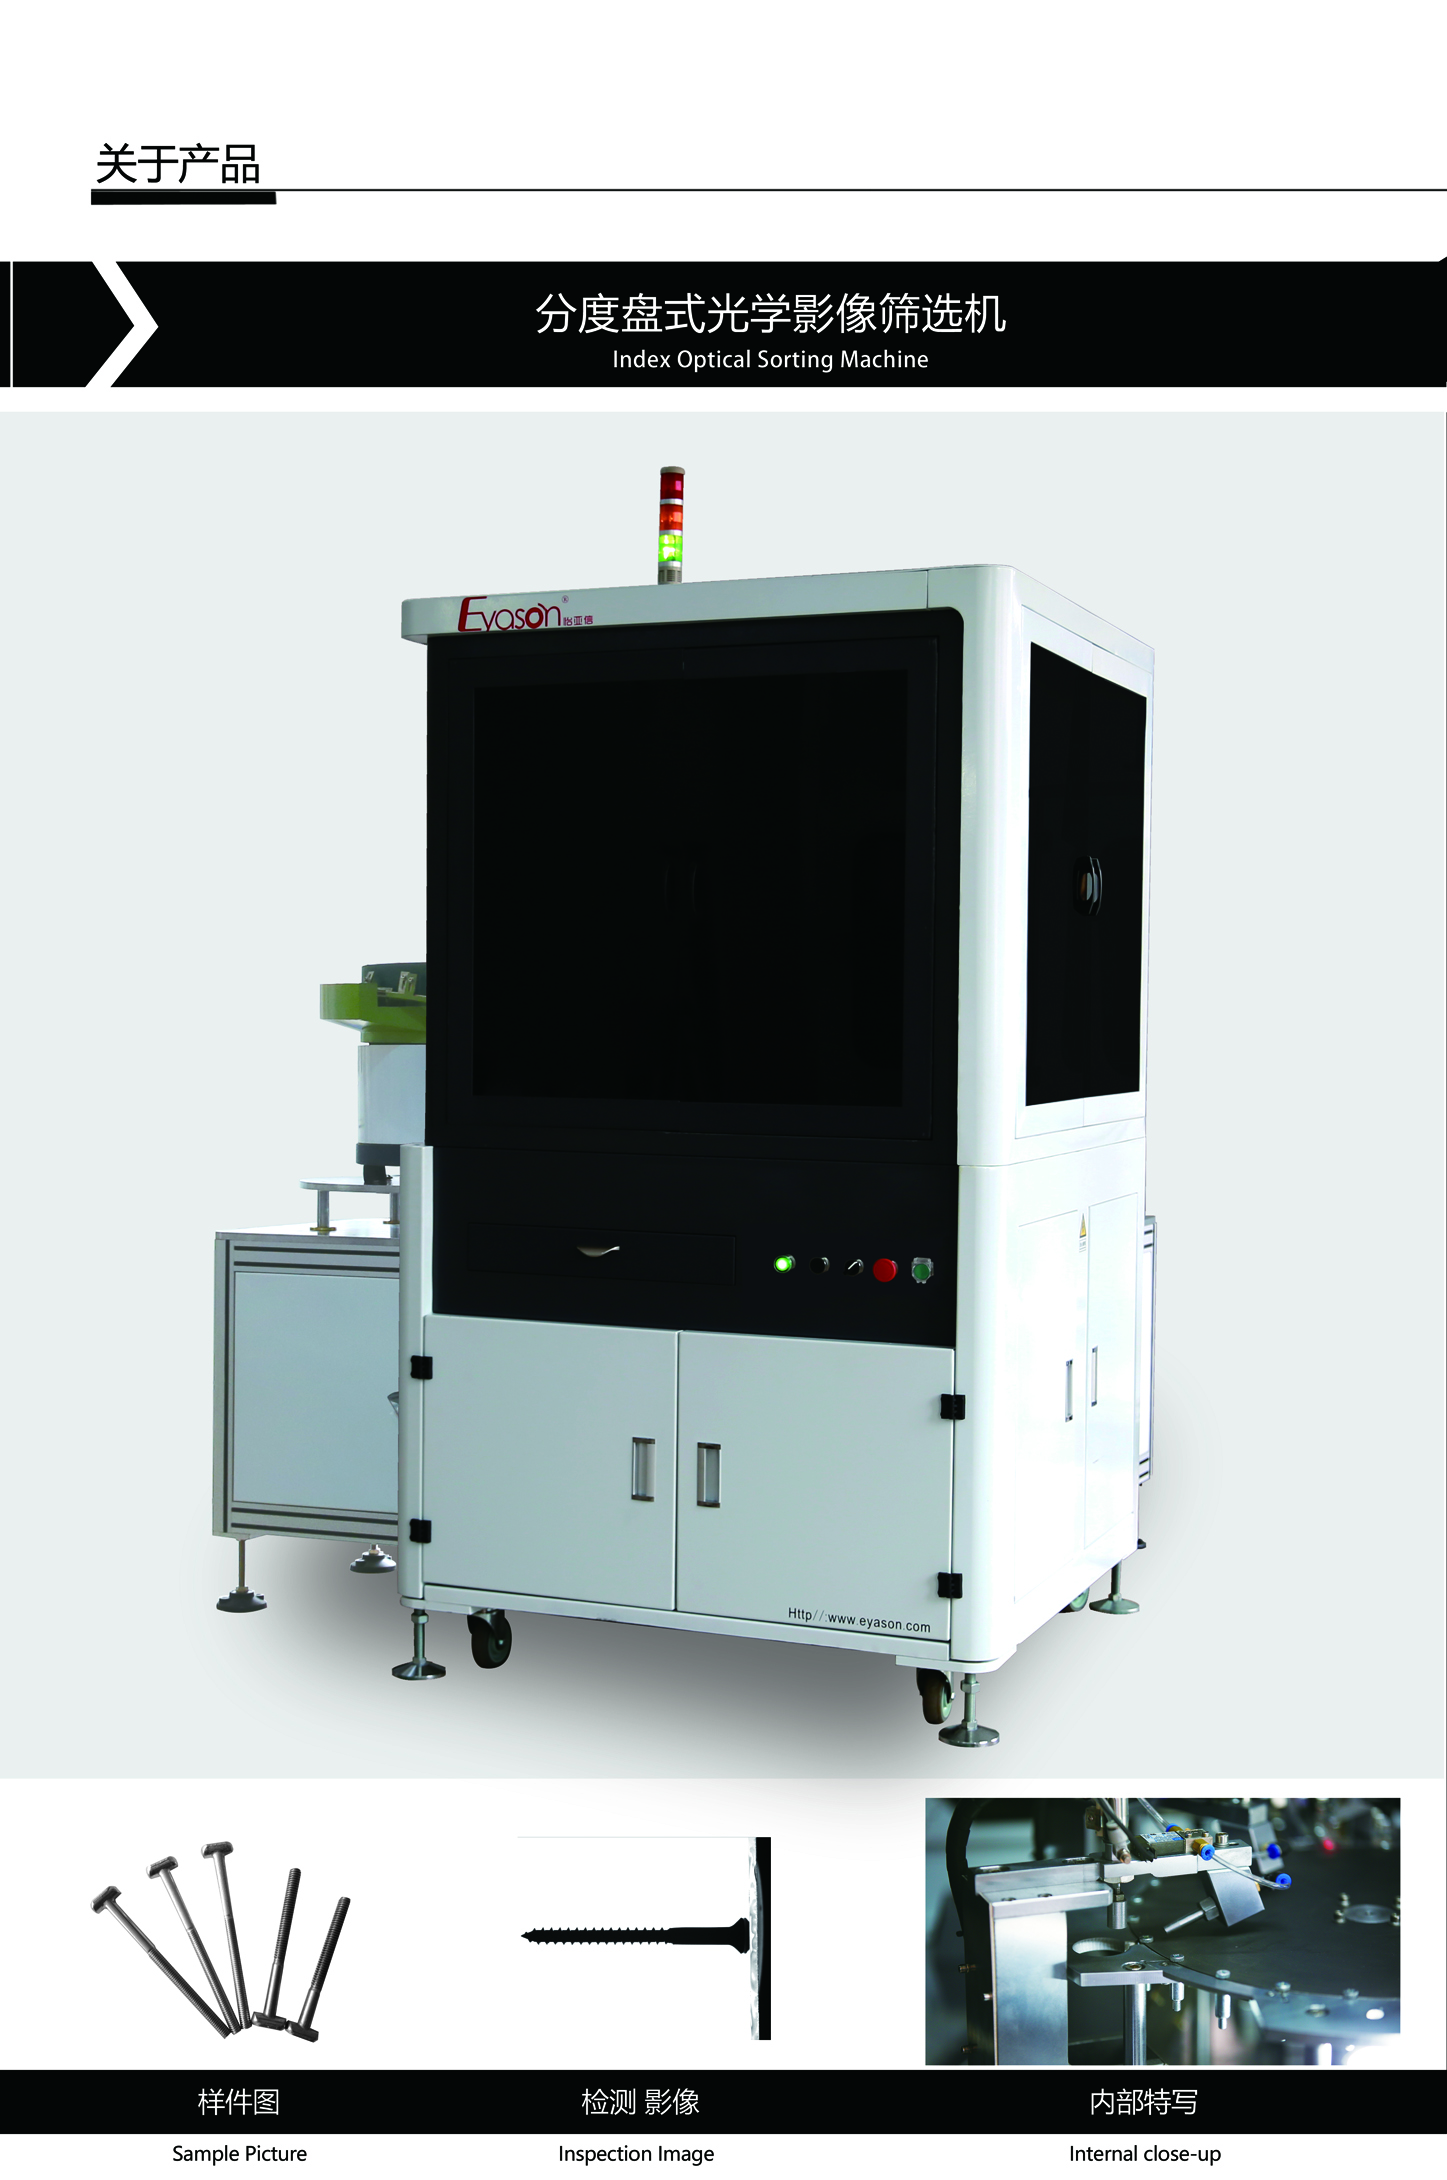 分度盘式光学影像筛选机